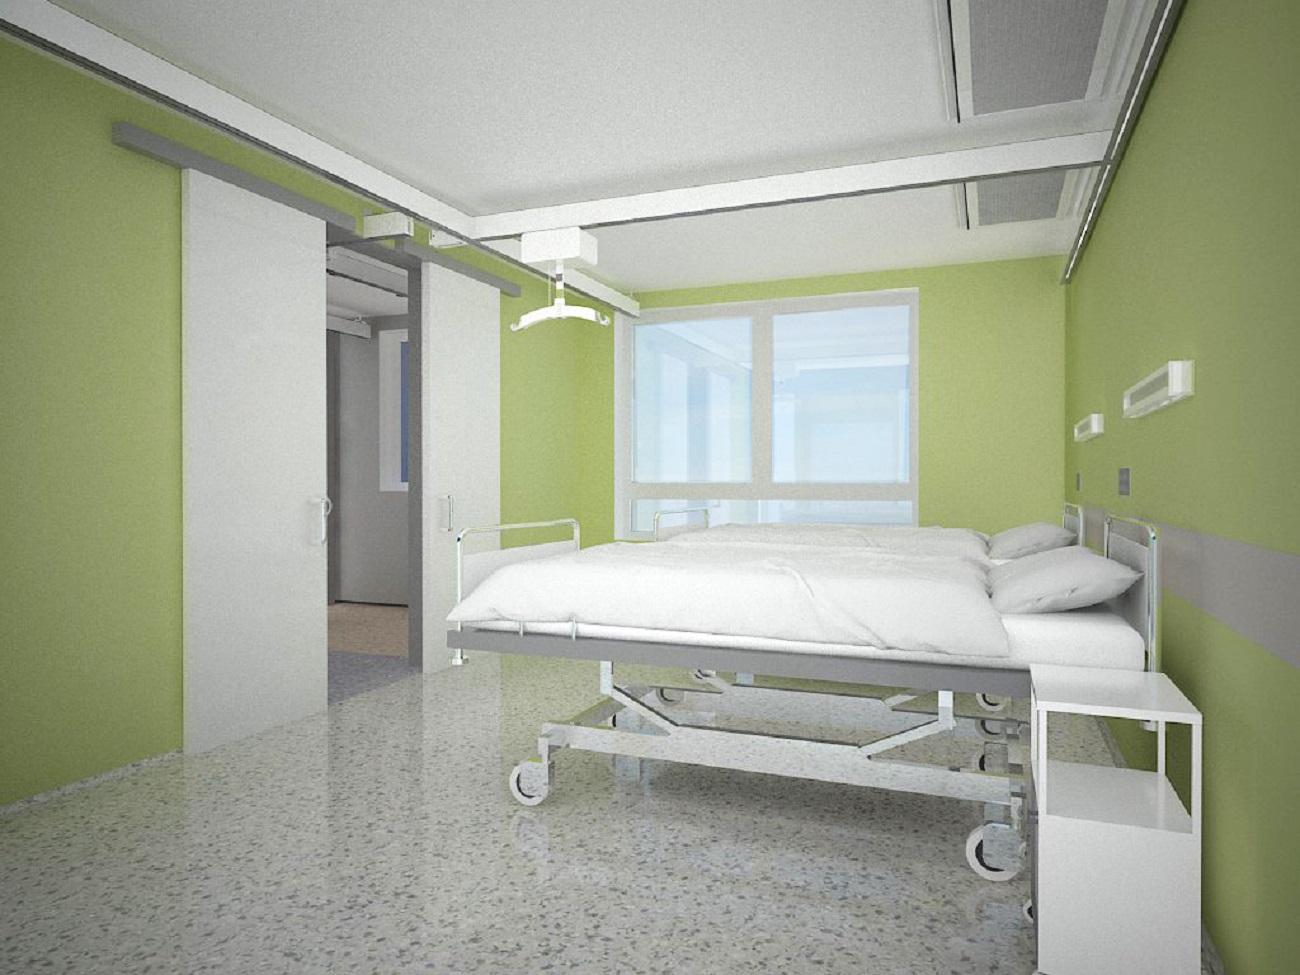 01-Room_AIACEsrl